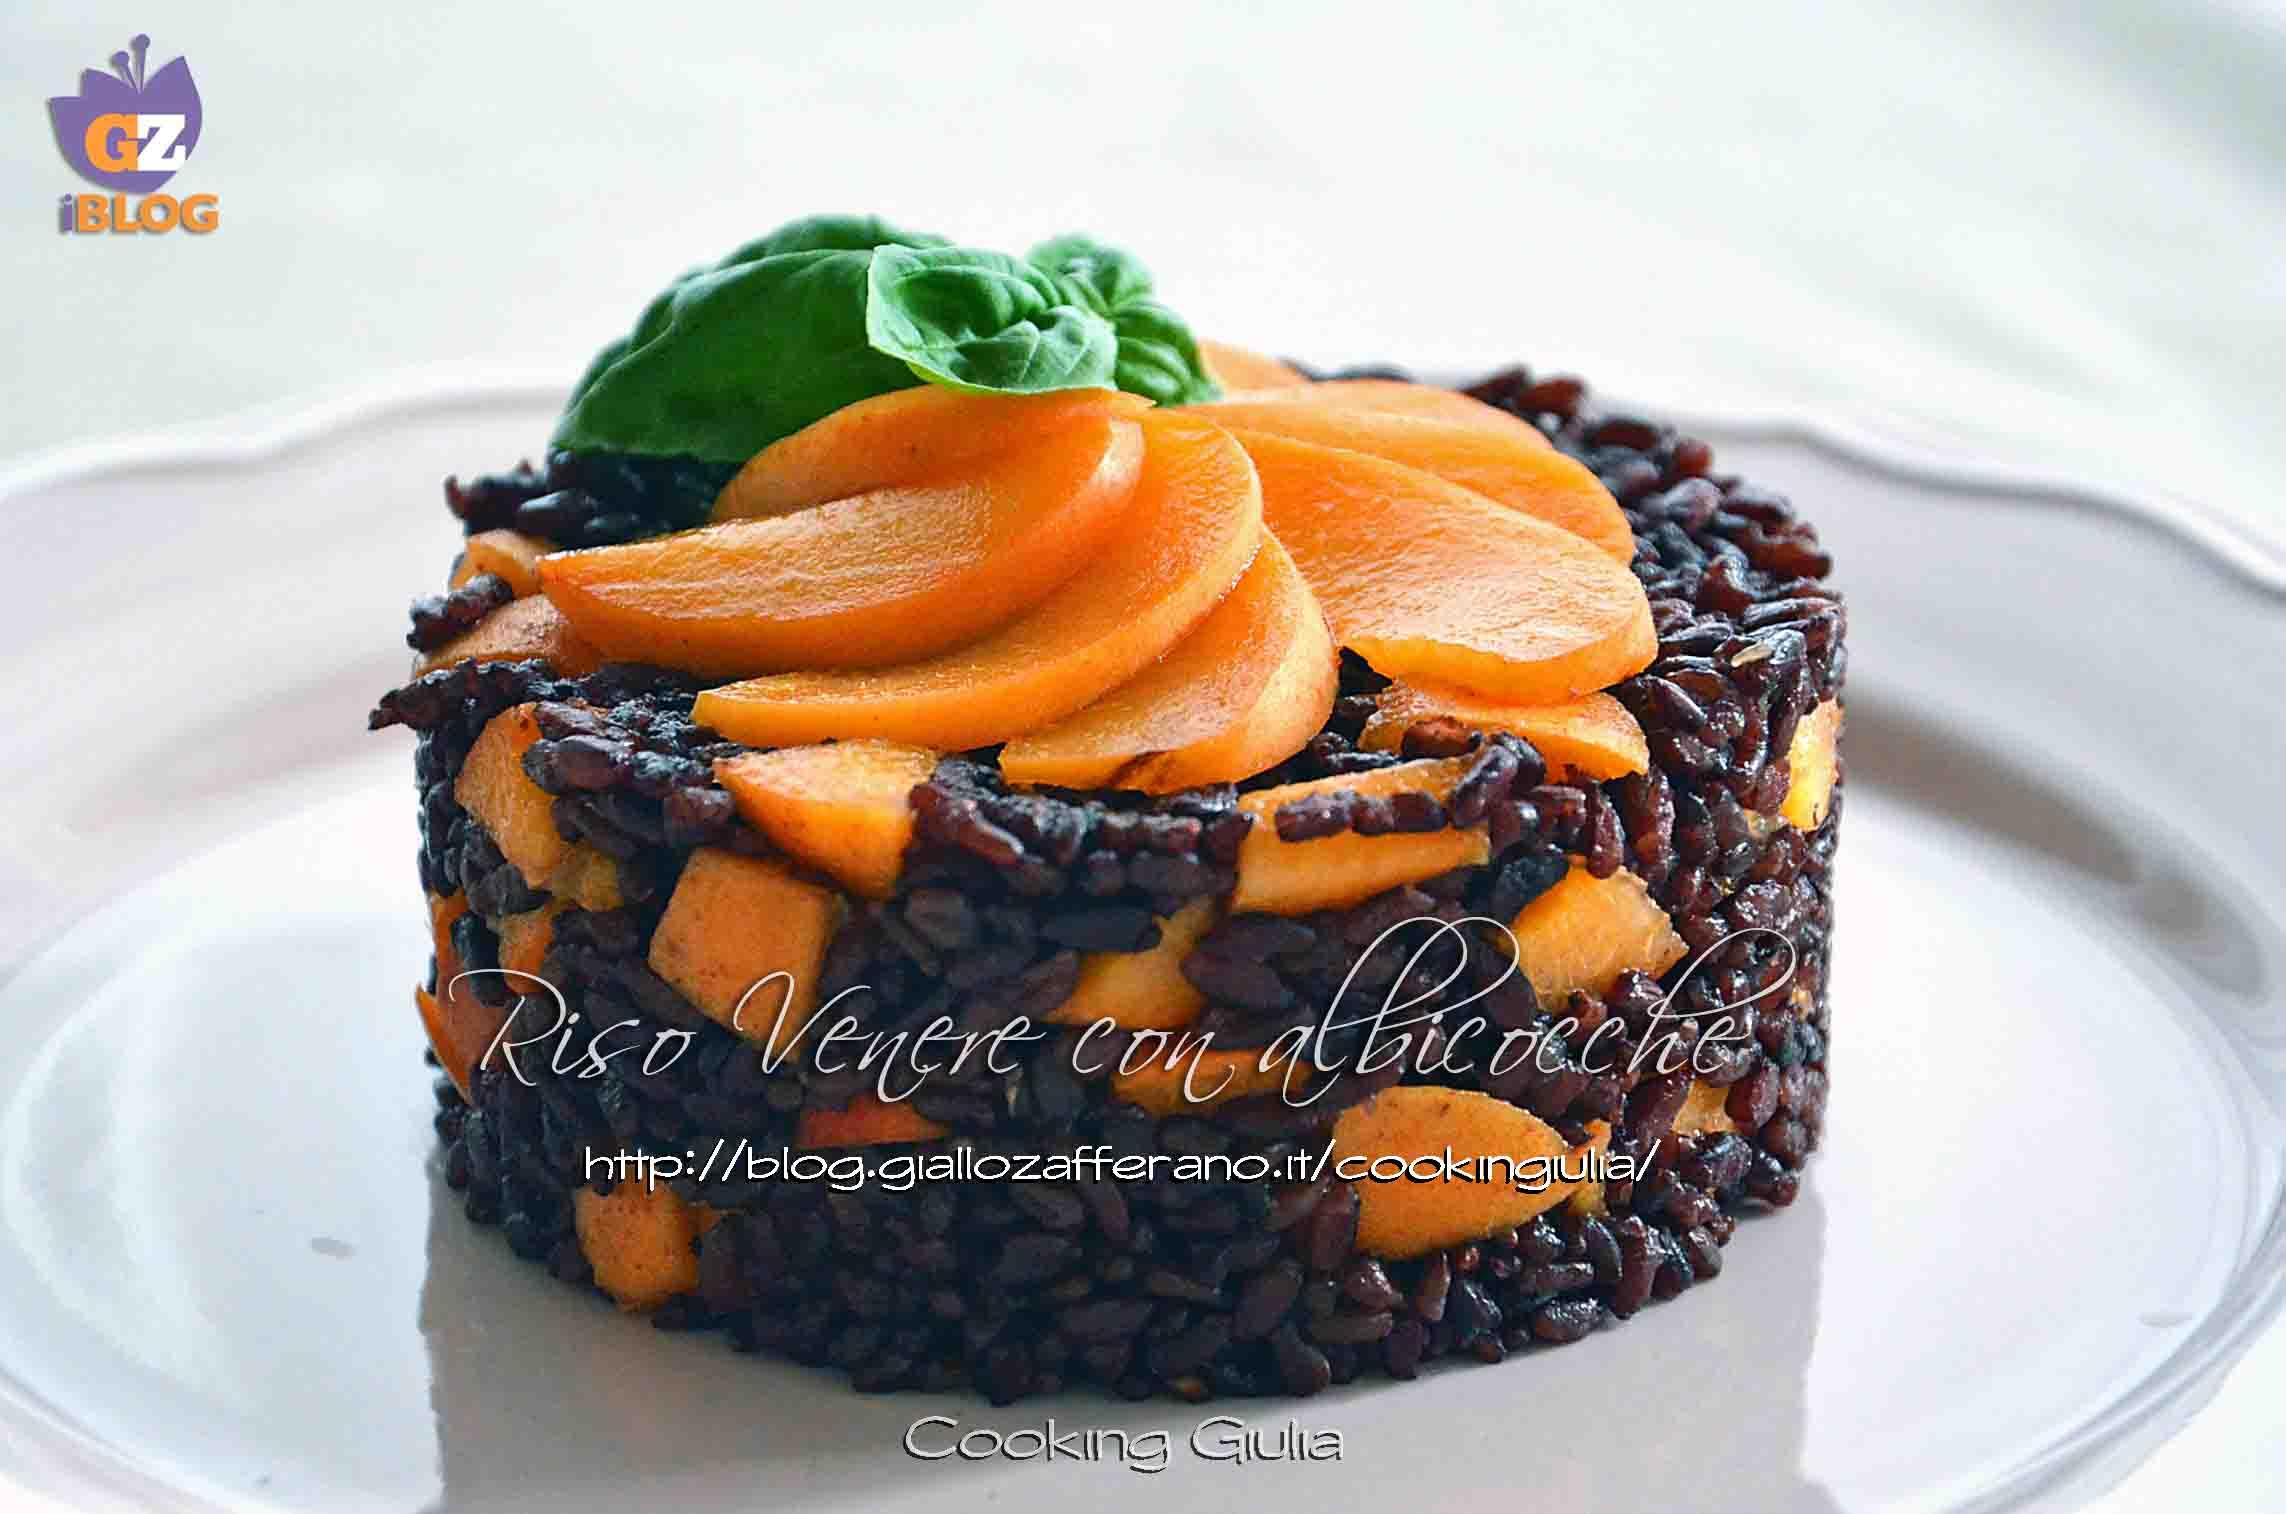 Famoso Riso venere con albicocche fresche e basilico | ricetta light IM54